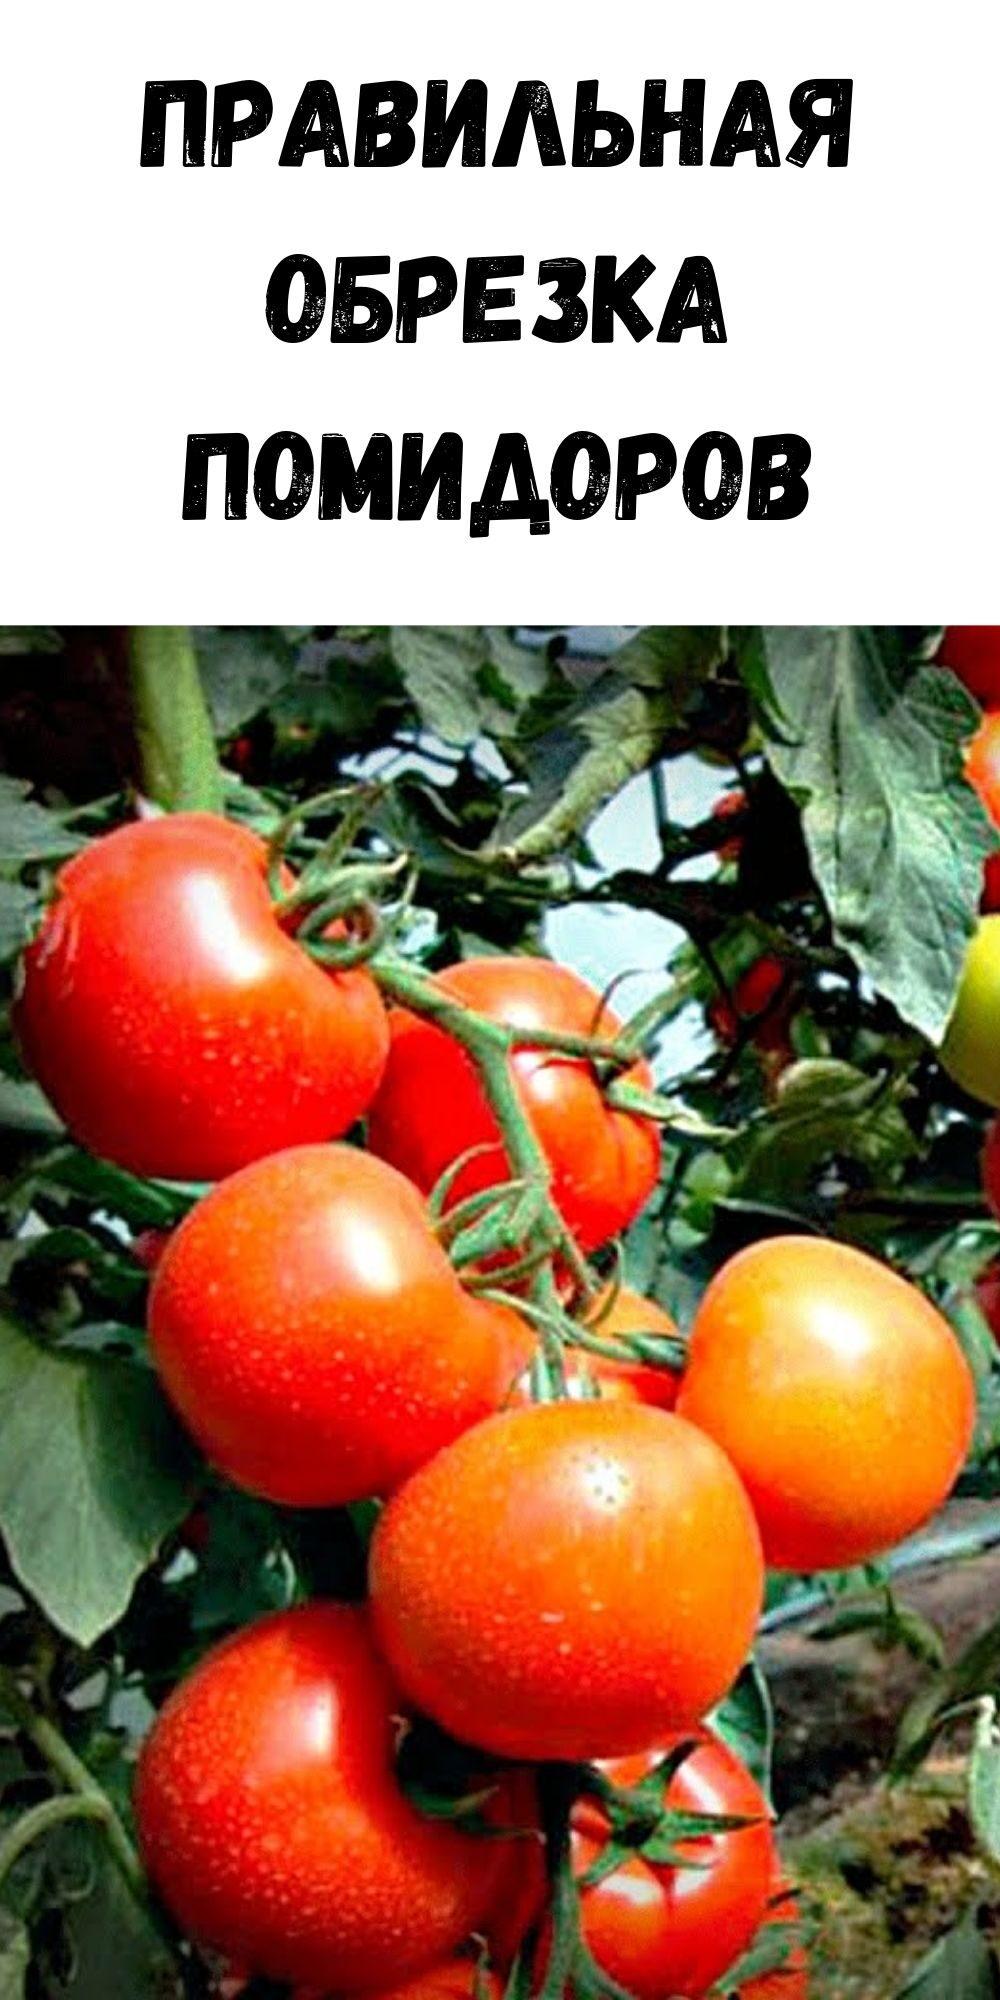 pravilnaya-obrezka-pomidorov-6781365